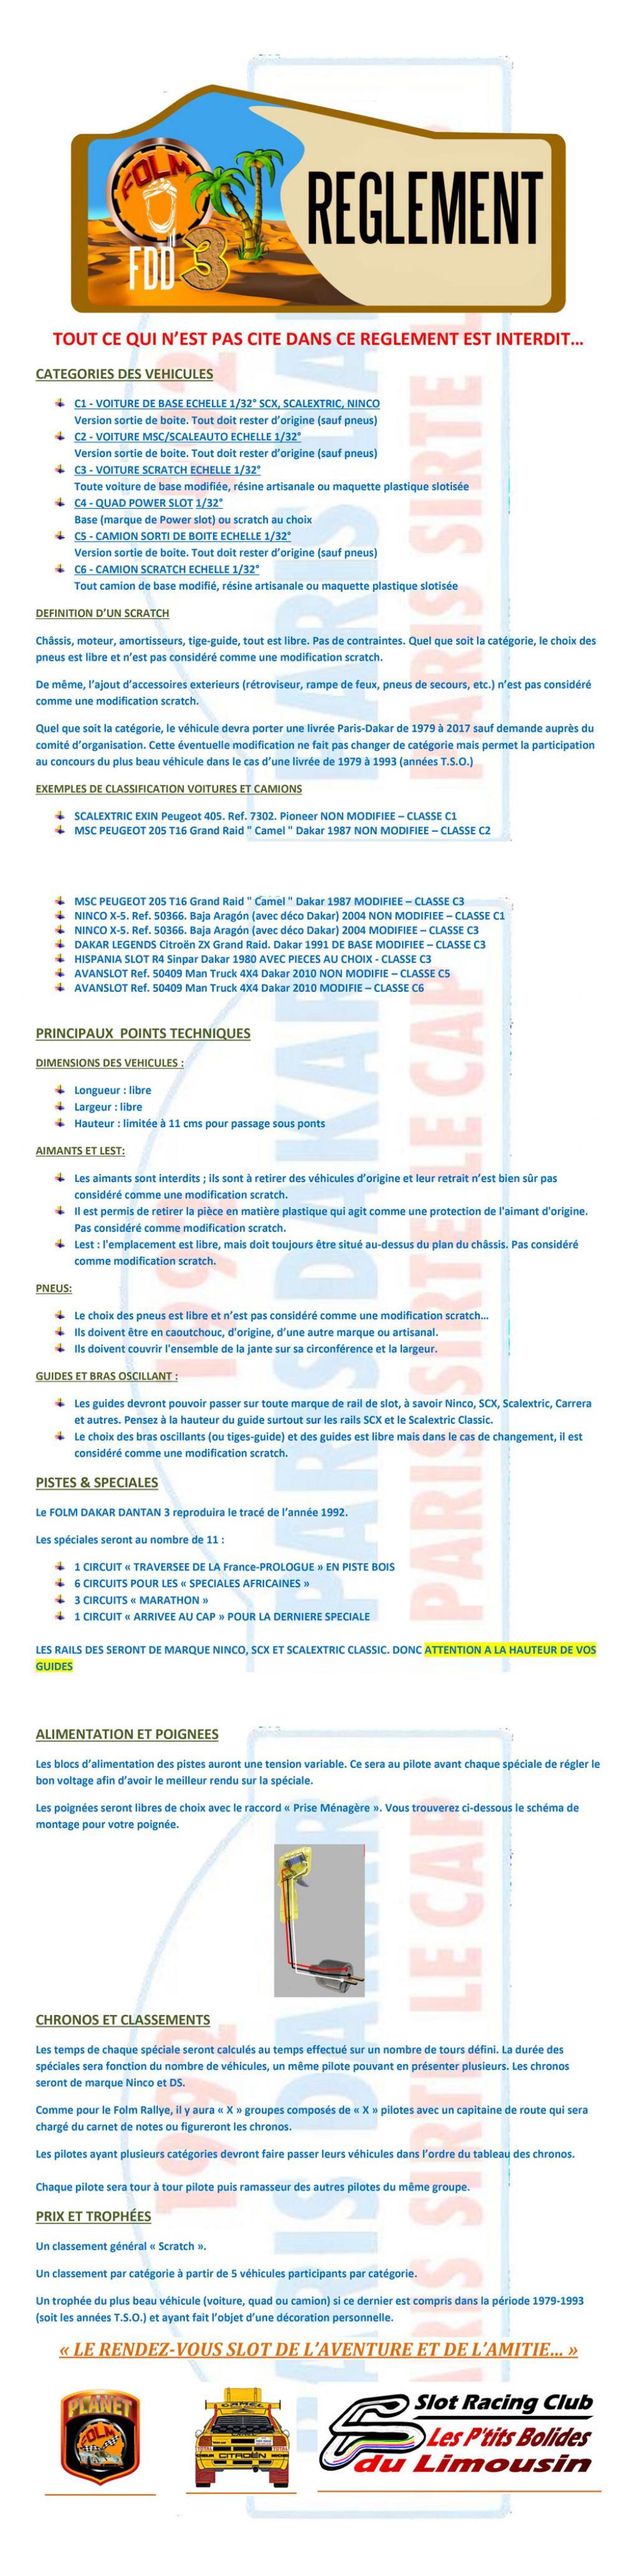 FOLM DAKAR DANTAN 3 Reglement-1000-web-57c643d